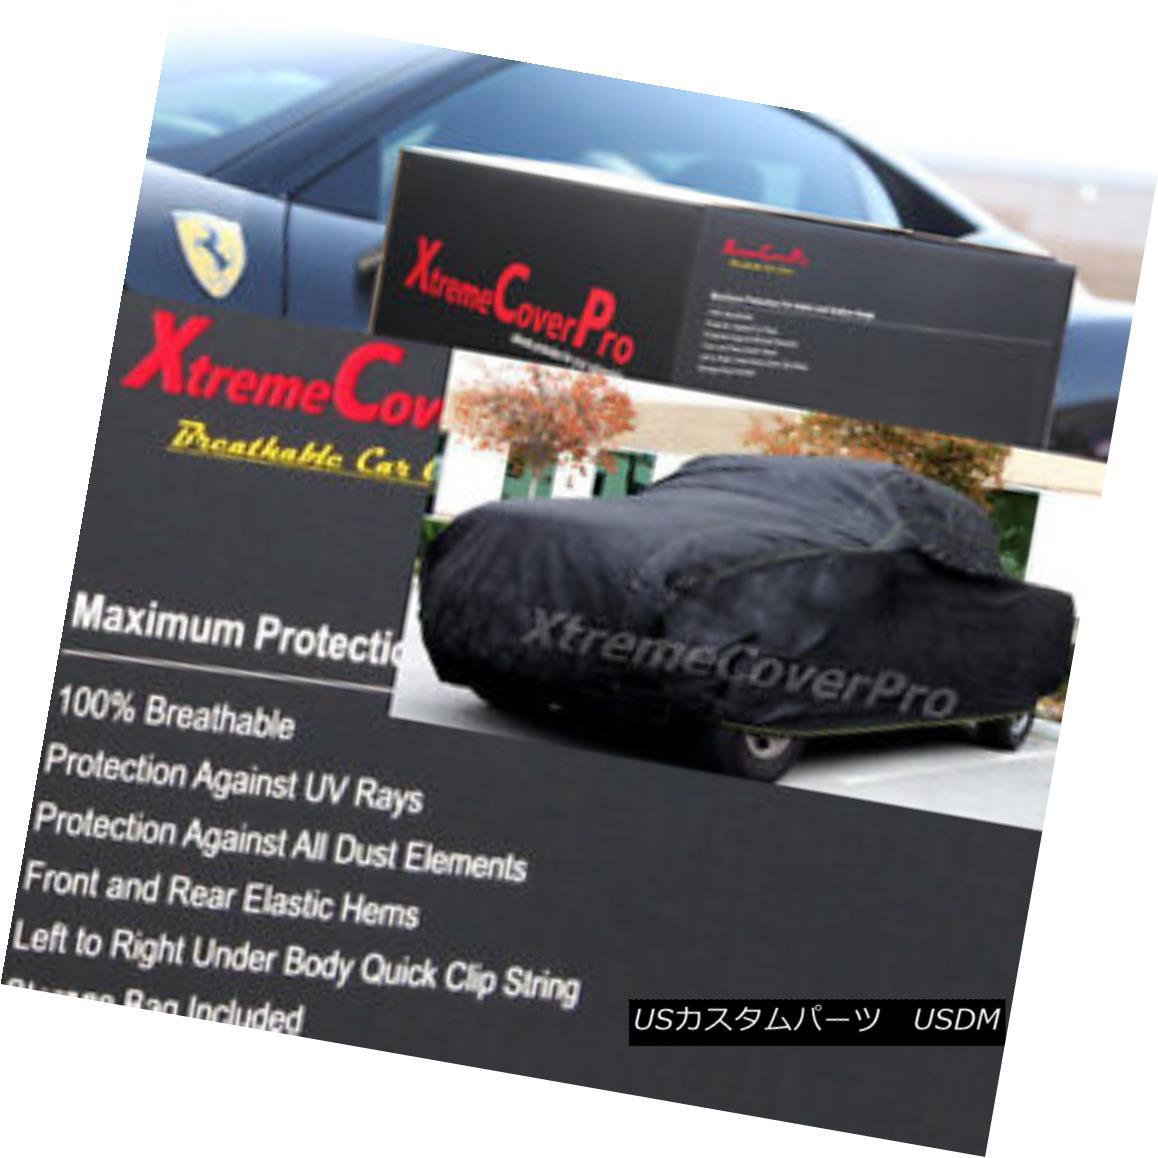 カーカバー 2016 2017 2018 GMC SIERRA 3500HD Double Cab 8FT Box BREATHABLE TRUCK COVER-BLACK 2016 2017 2018 GMC SIERRA 3500HDダブルキャブ8FTボックスBREATHABLE TRUCK COVER-BLACK